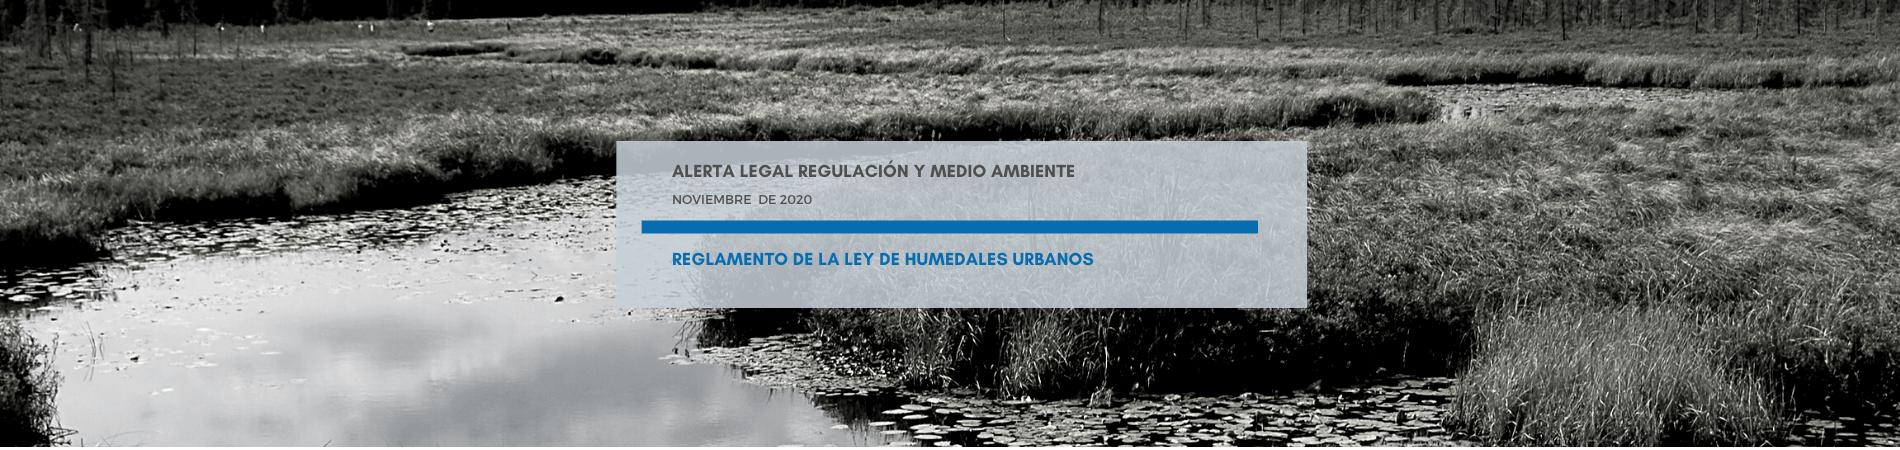 Alerta Legal M&B | Reglamento de la Ley de Humedales Urbanos